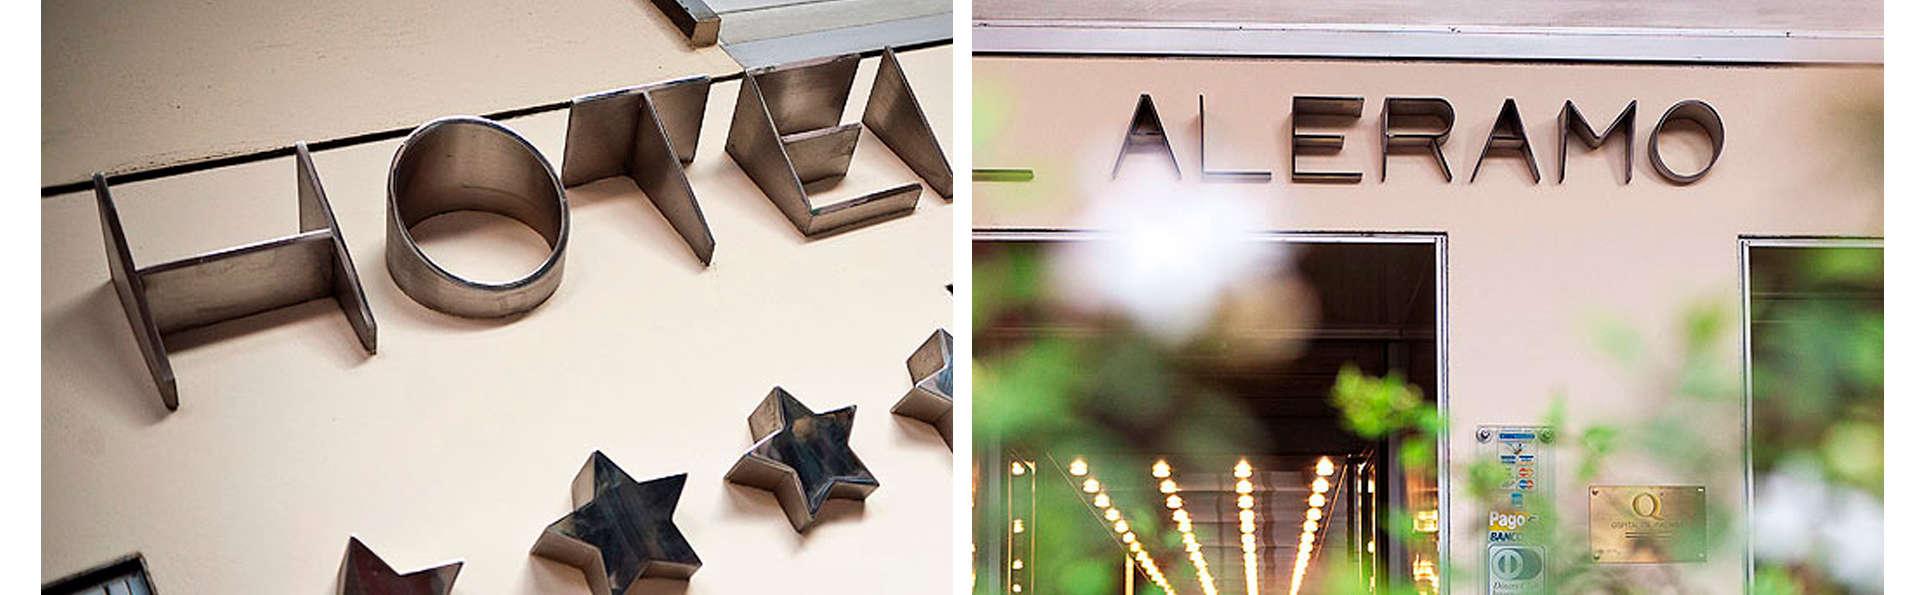 Hotel Aleramo - Edit_Front.jpg